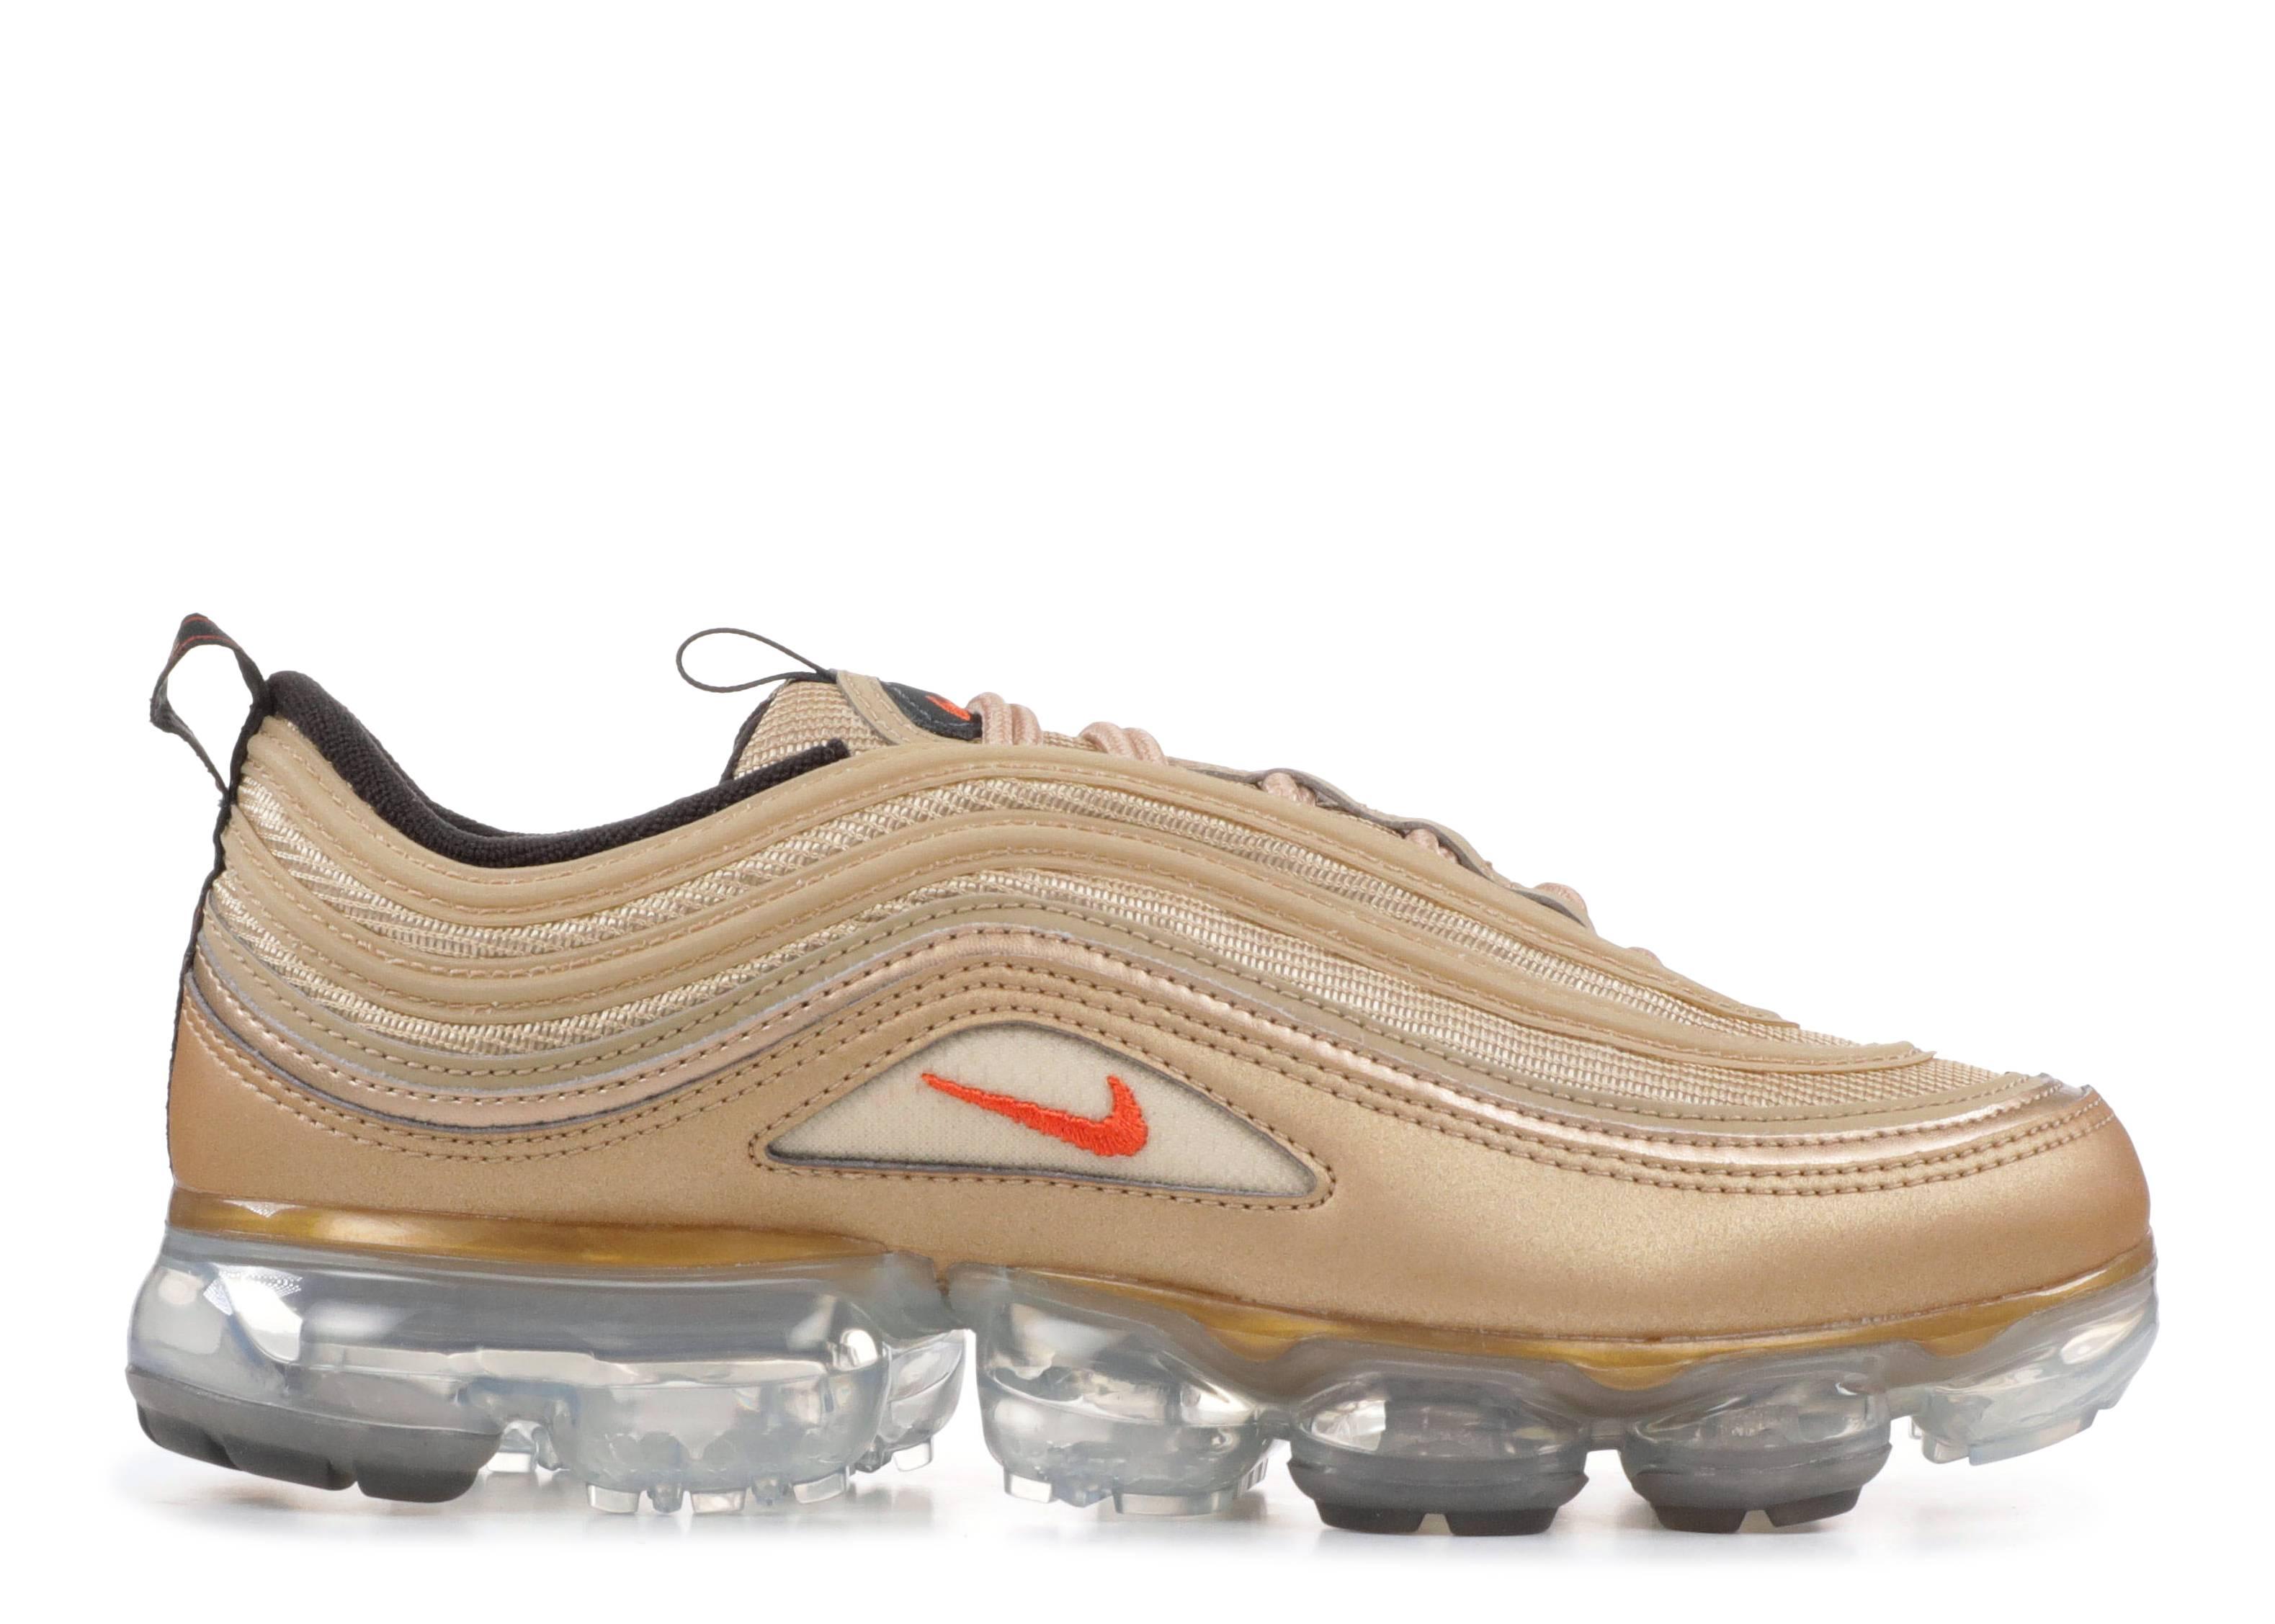 cff07447816 W Air Vapormax 97 - Nike - ao4542 902 - blur vintage coral ...